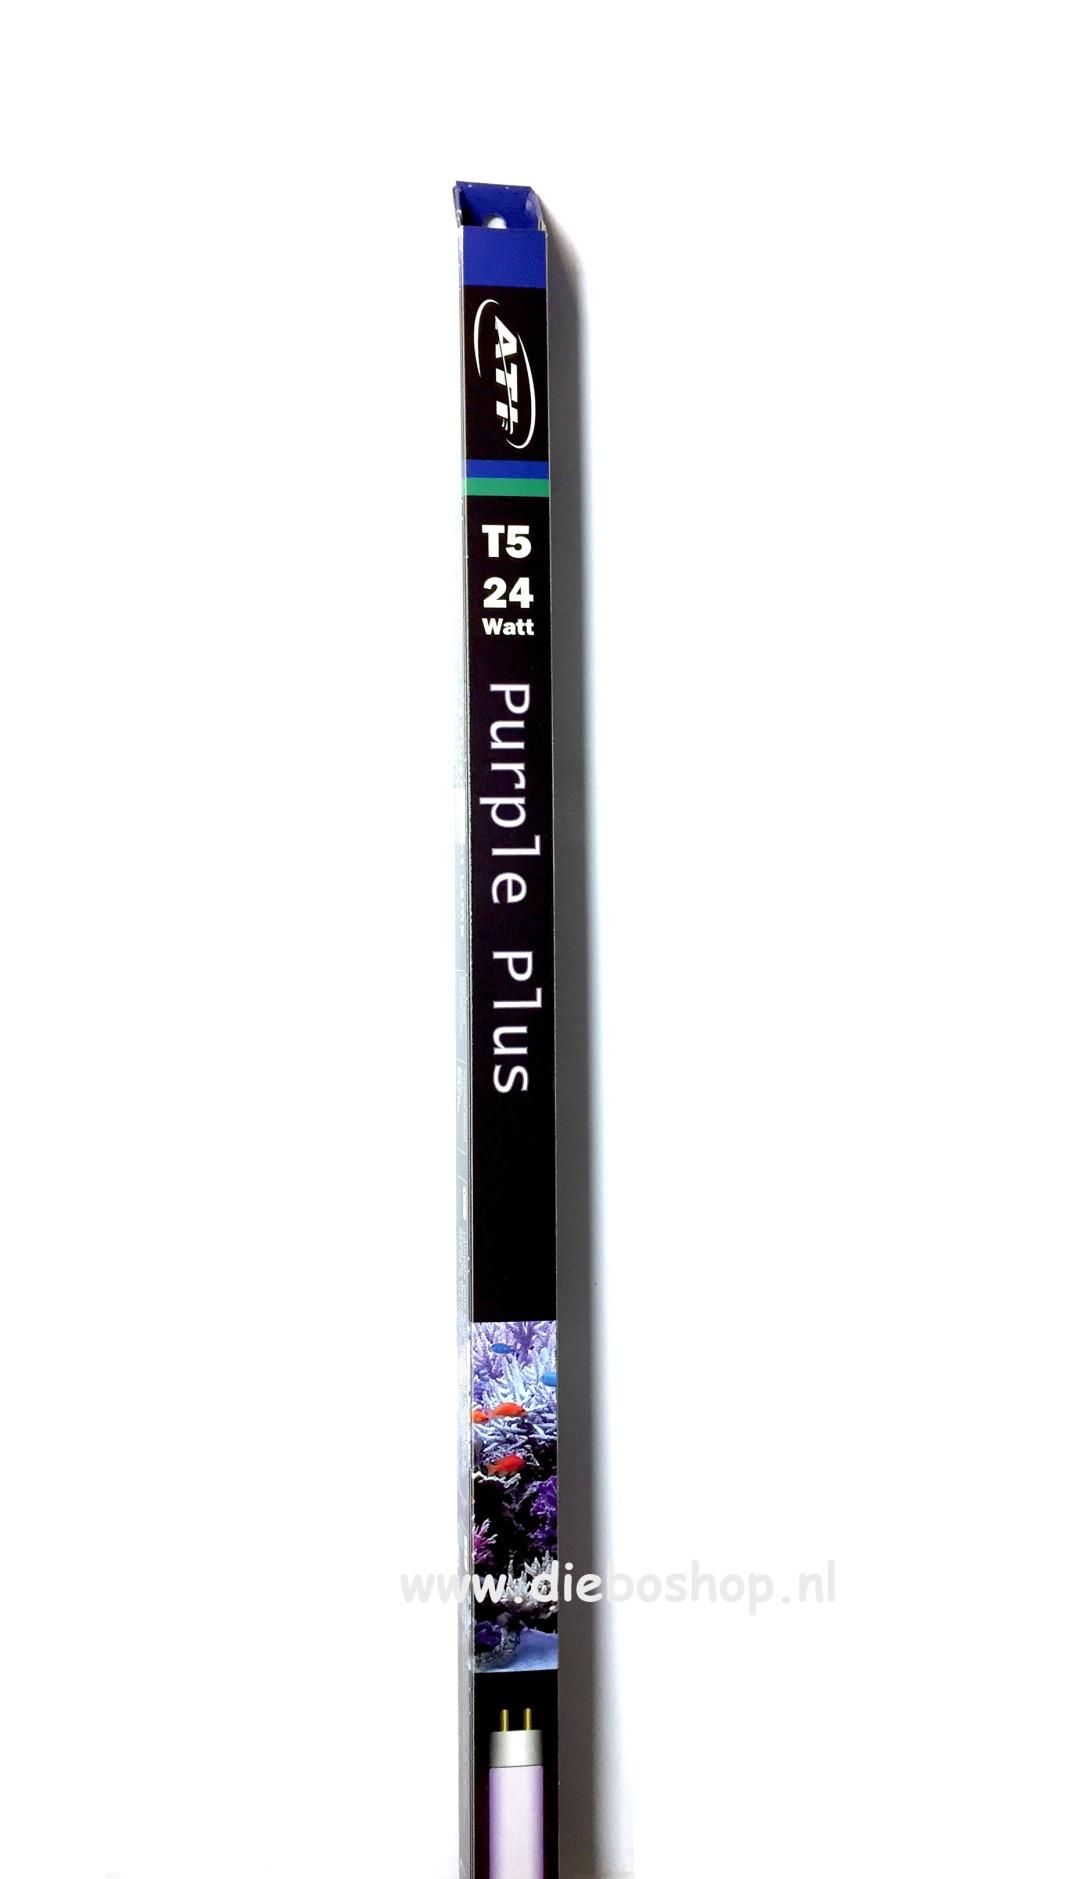 Ati Purple Plus T5 24 Watt